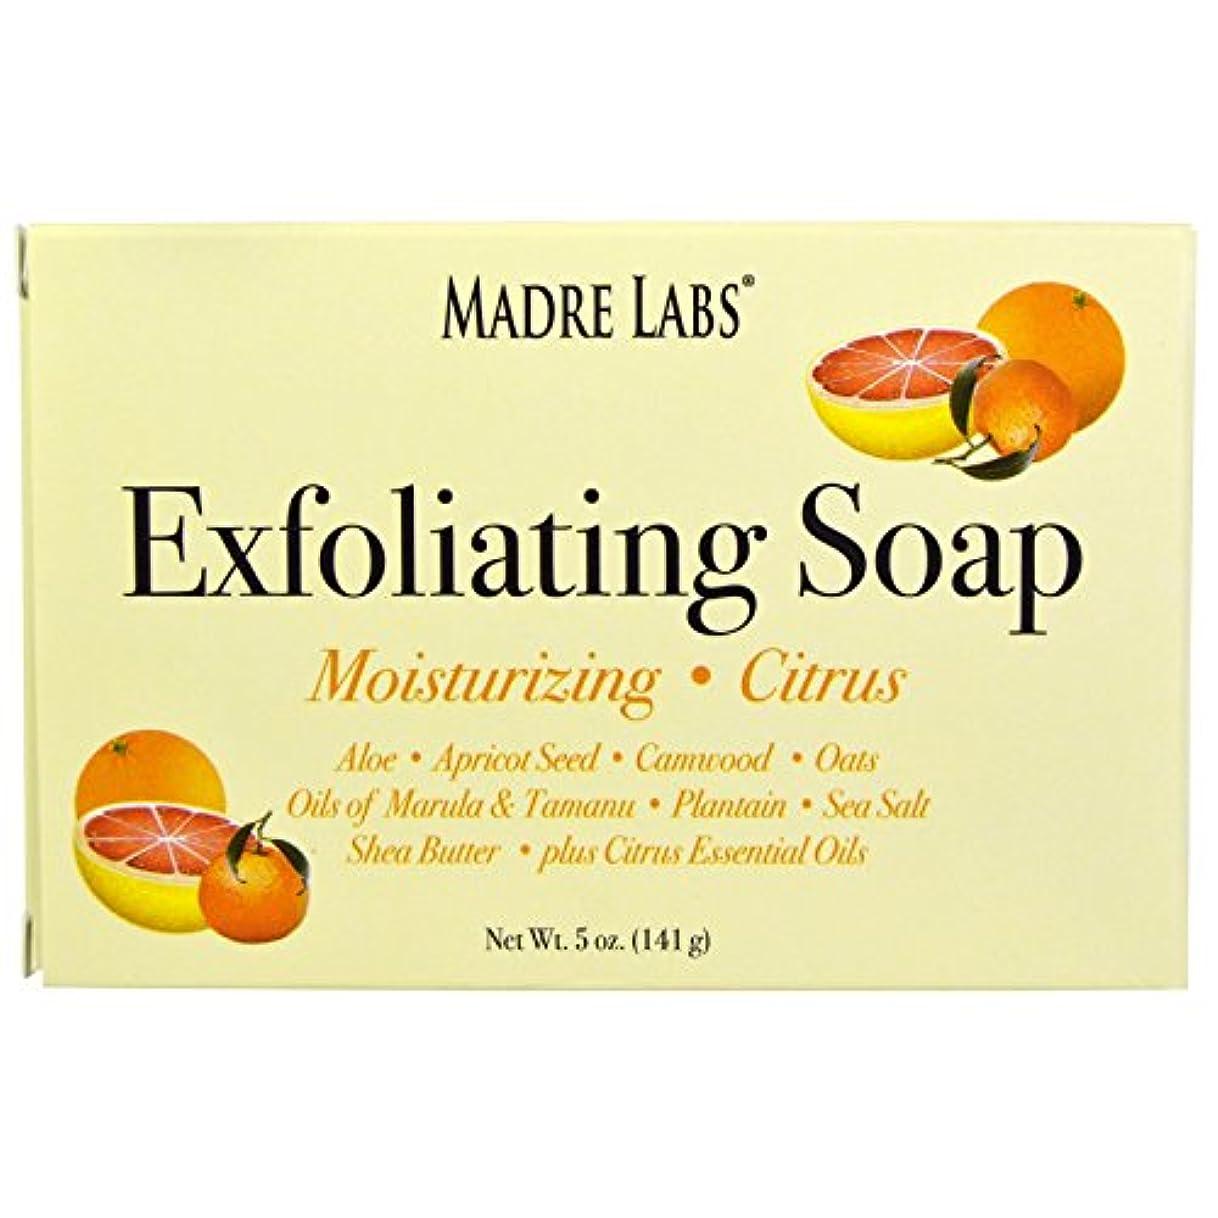 反発するルーチン不器用マドレラブ シアバター入り石鹸 柑橘フレーバー Madre Labs Exfoliating Soap Bar with Marula & Tamanu Oils plus Shea Butter